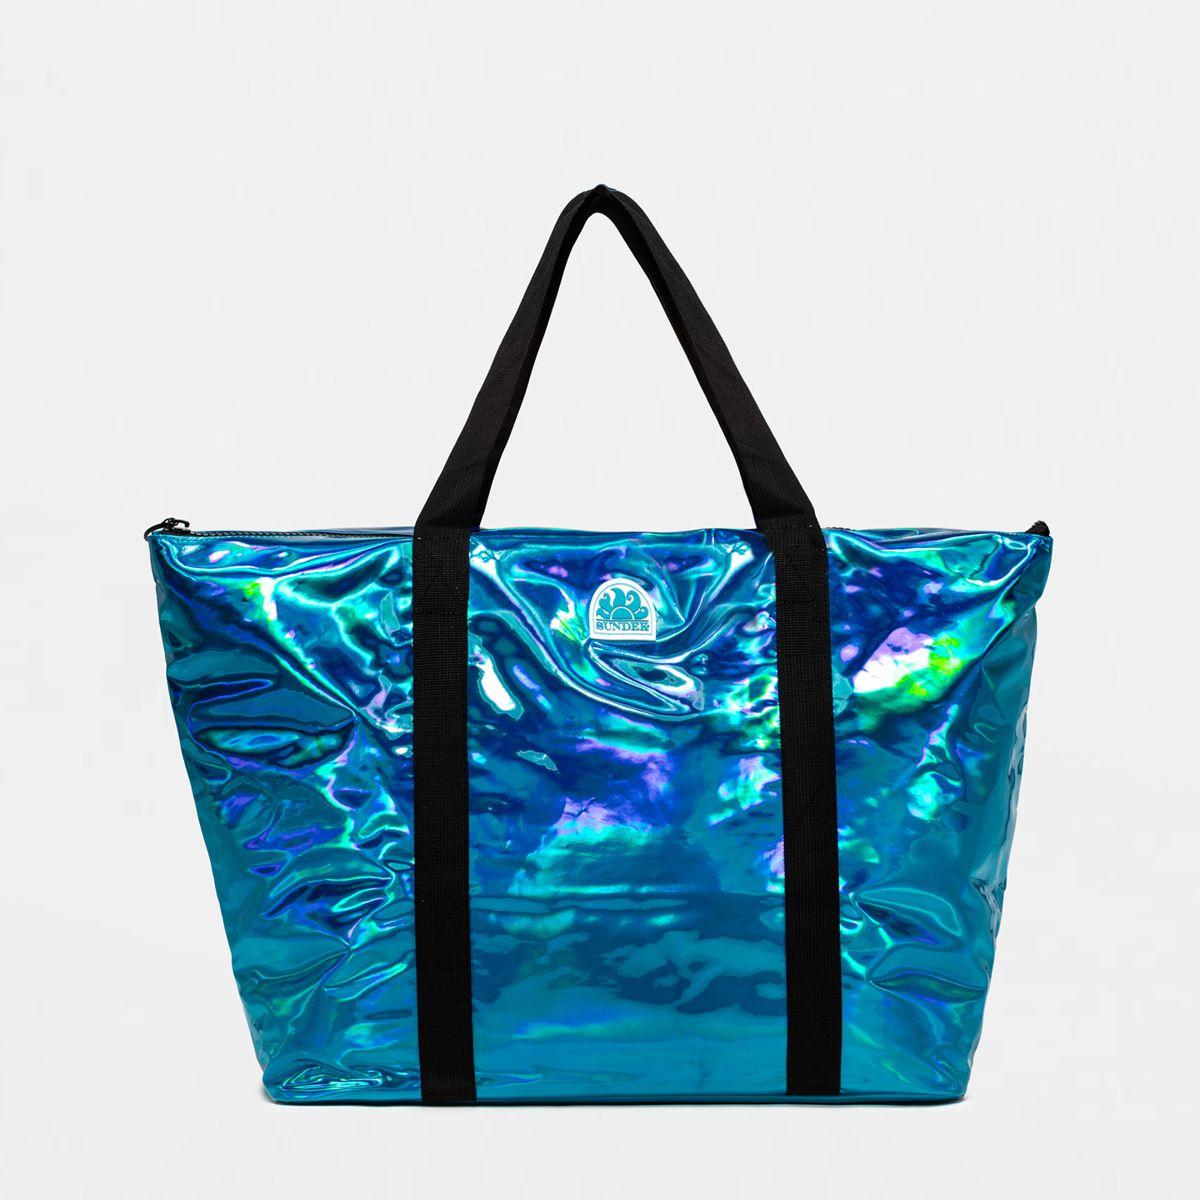 Maxi bag Smurf Sundek